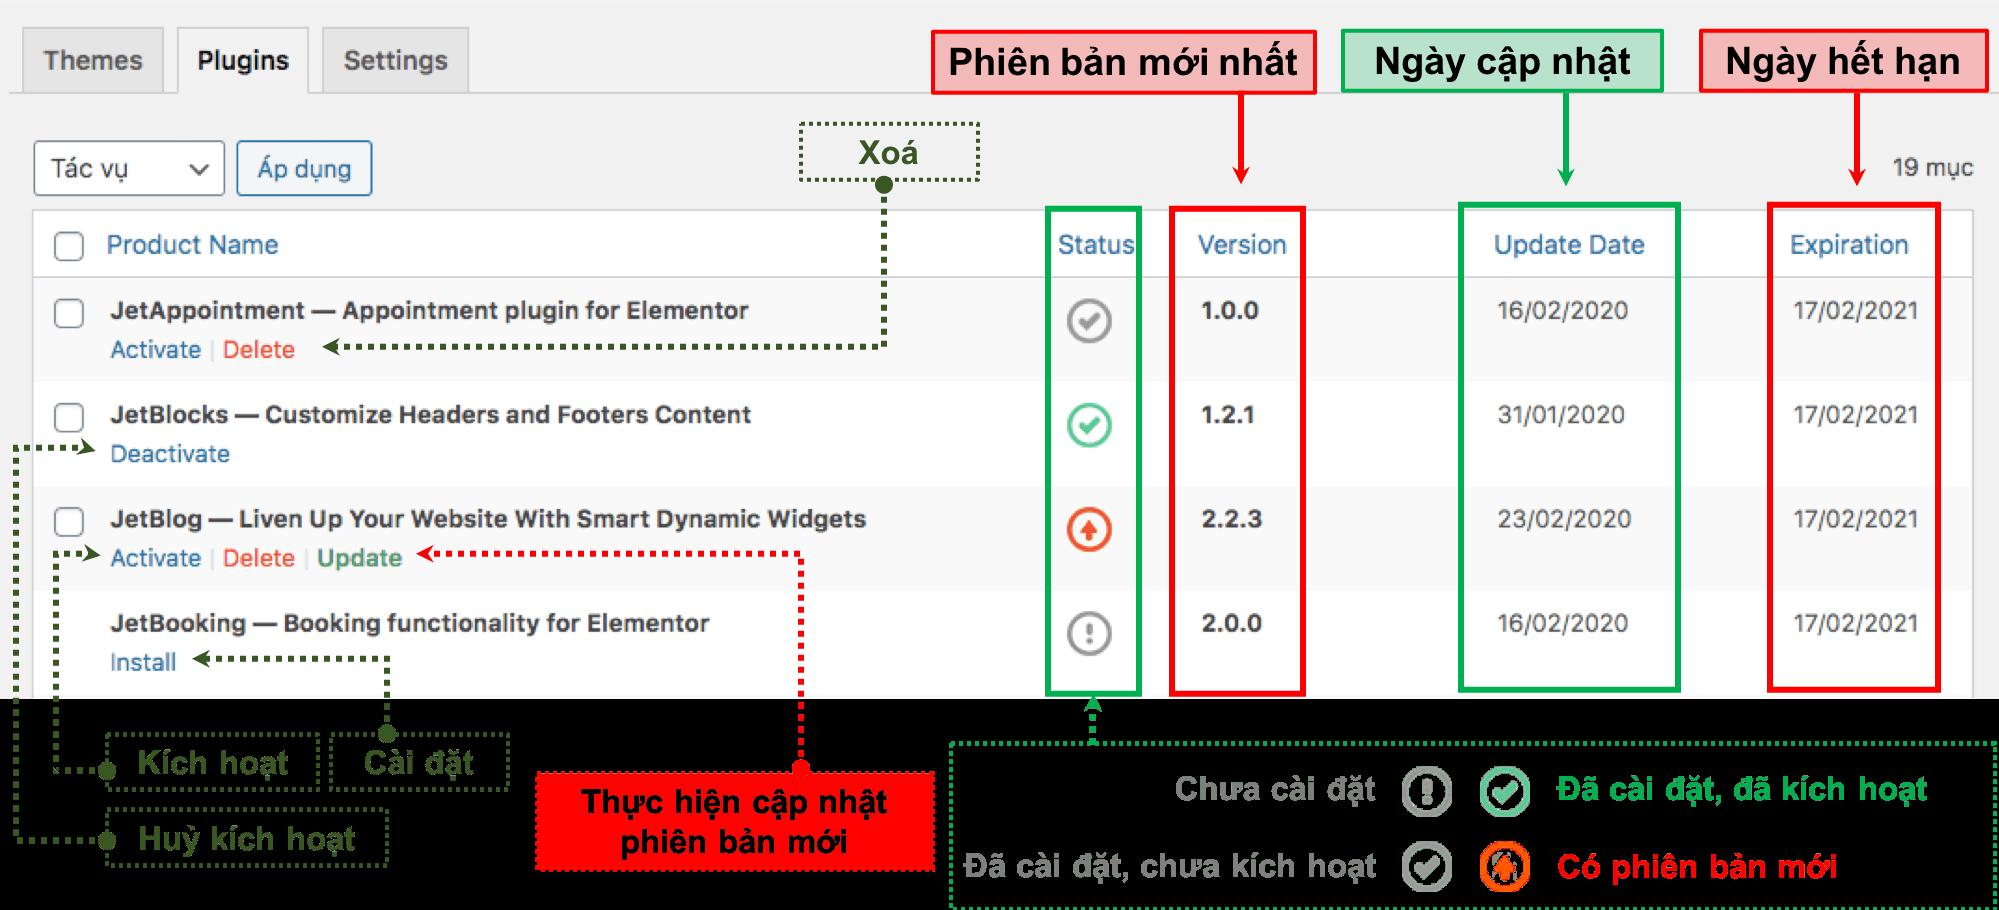 Hướng dẫn sử dụng KTN Licensing quản lý theme & plugin WordPress